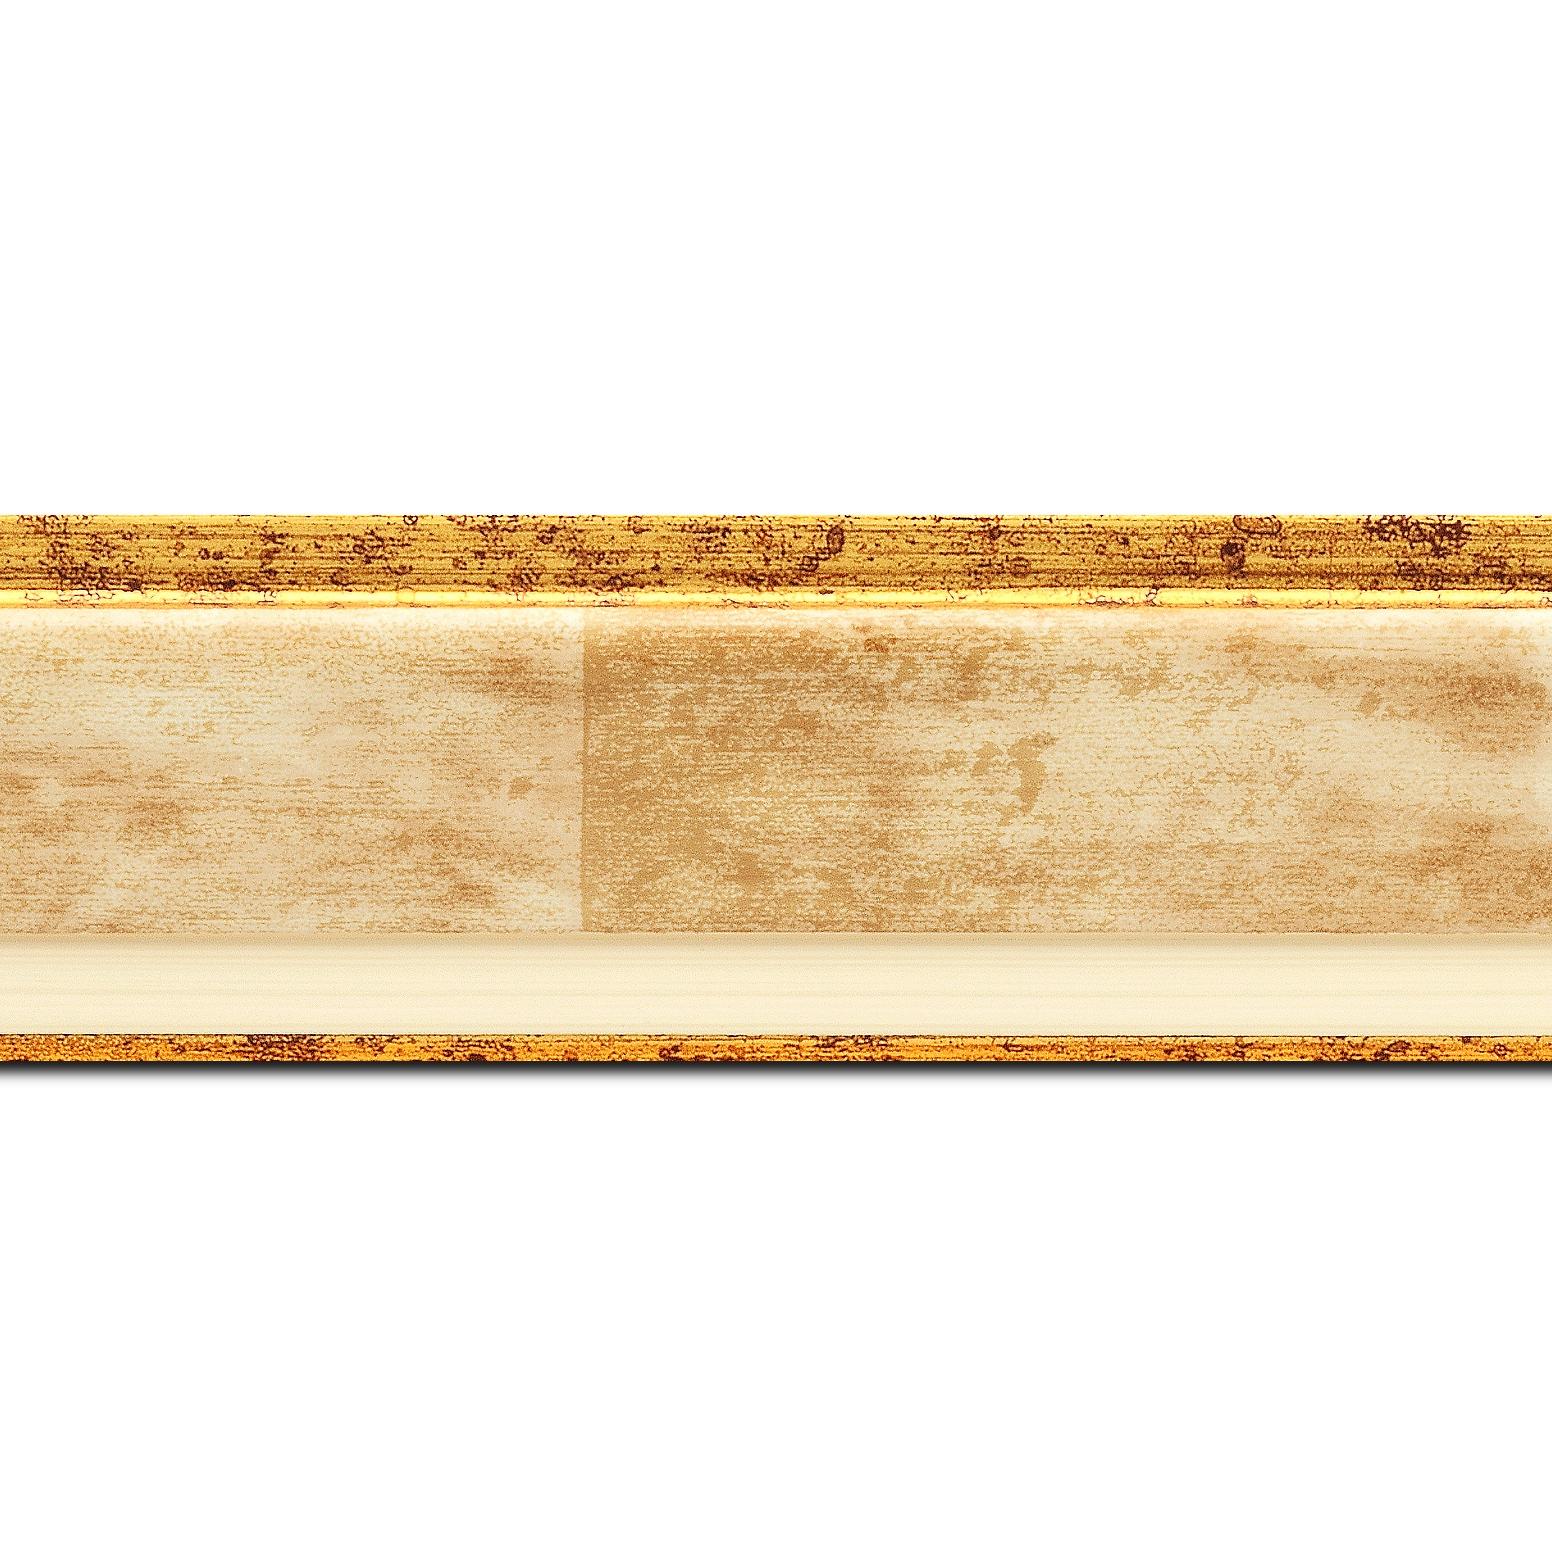 Pack par 12m, bois profil incliné largeur 5.4cm couleur crème  marie louise crème filet or intégrée(longueur baguette pouvant varier entre 2.40m et 3m selon arrivage des bois)